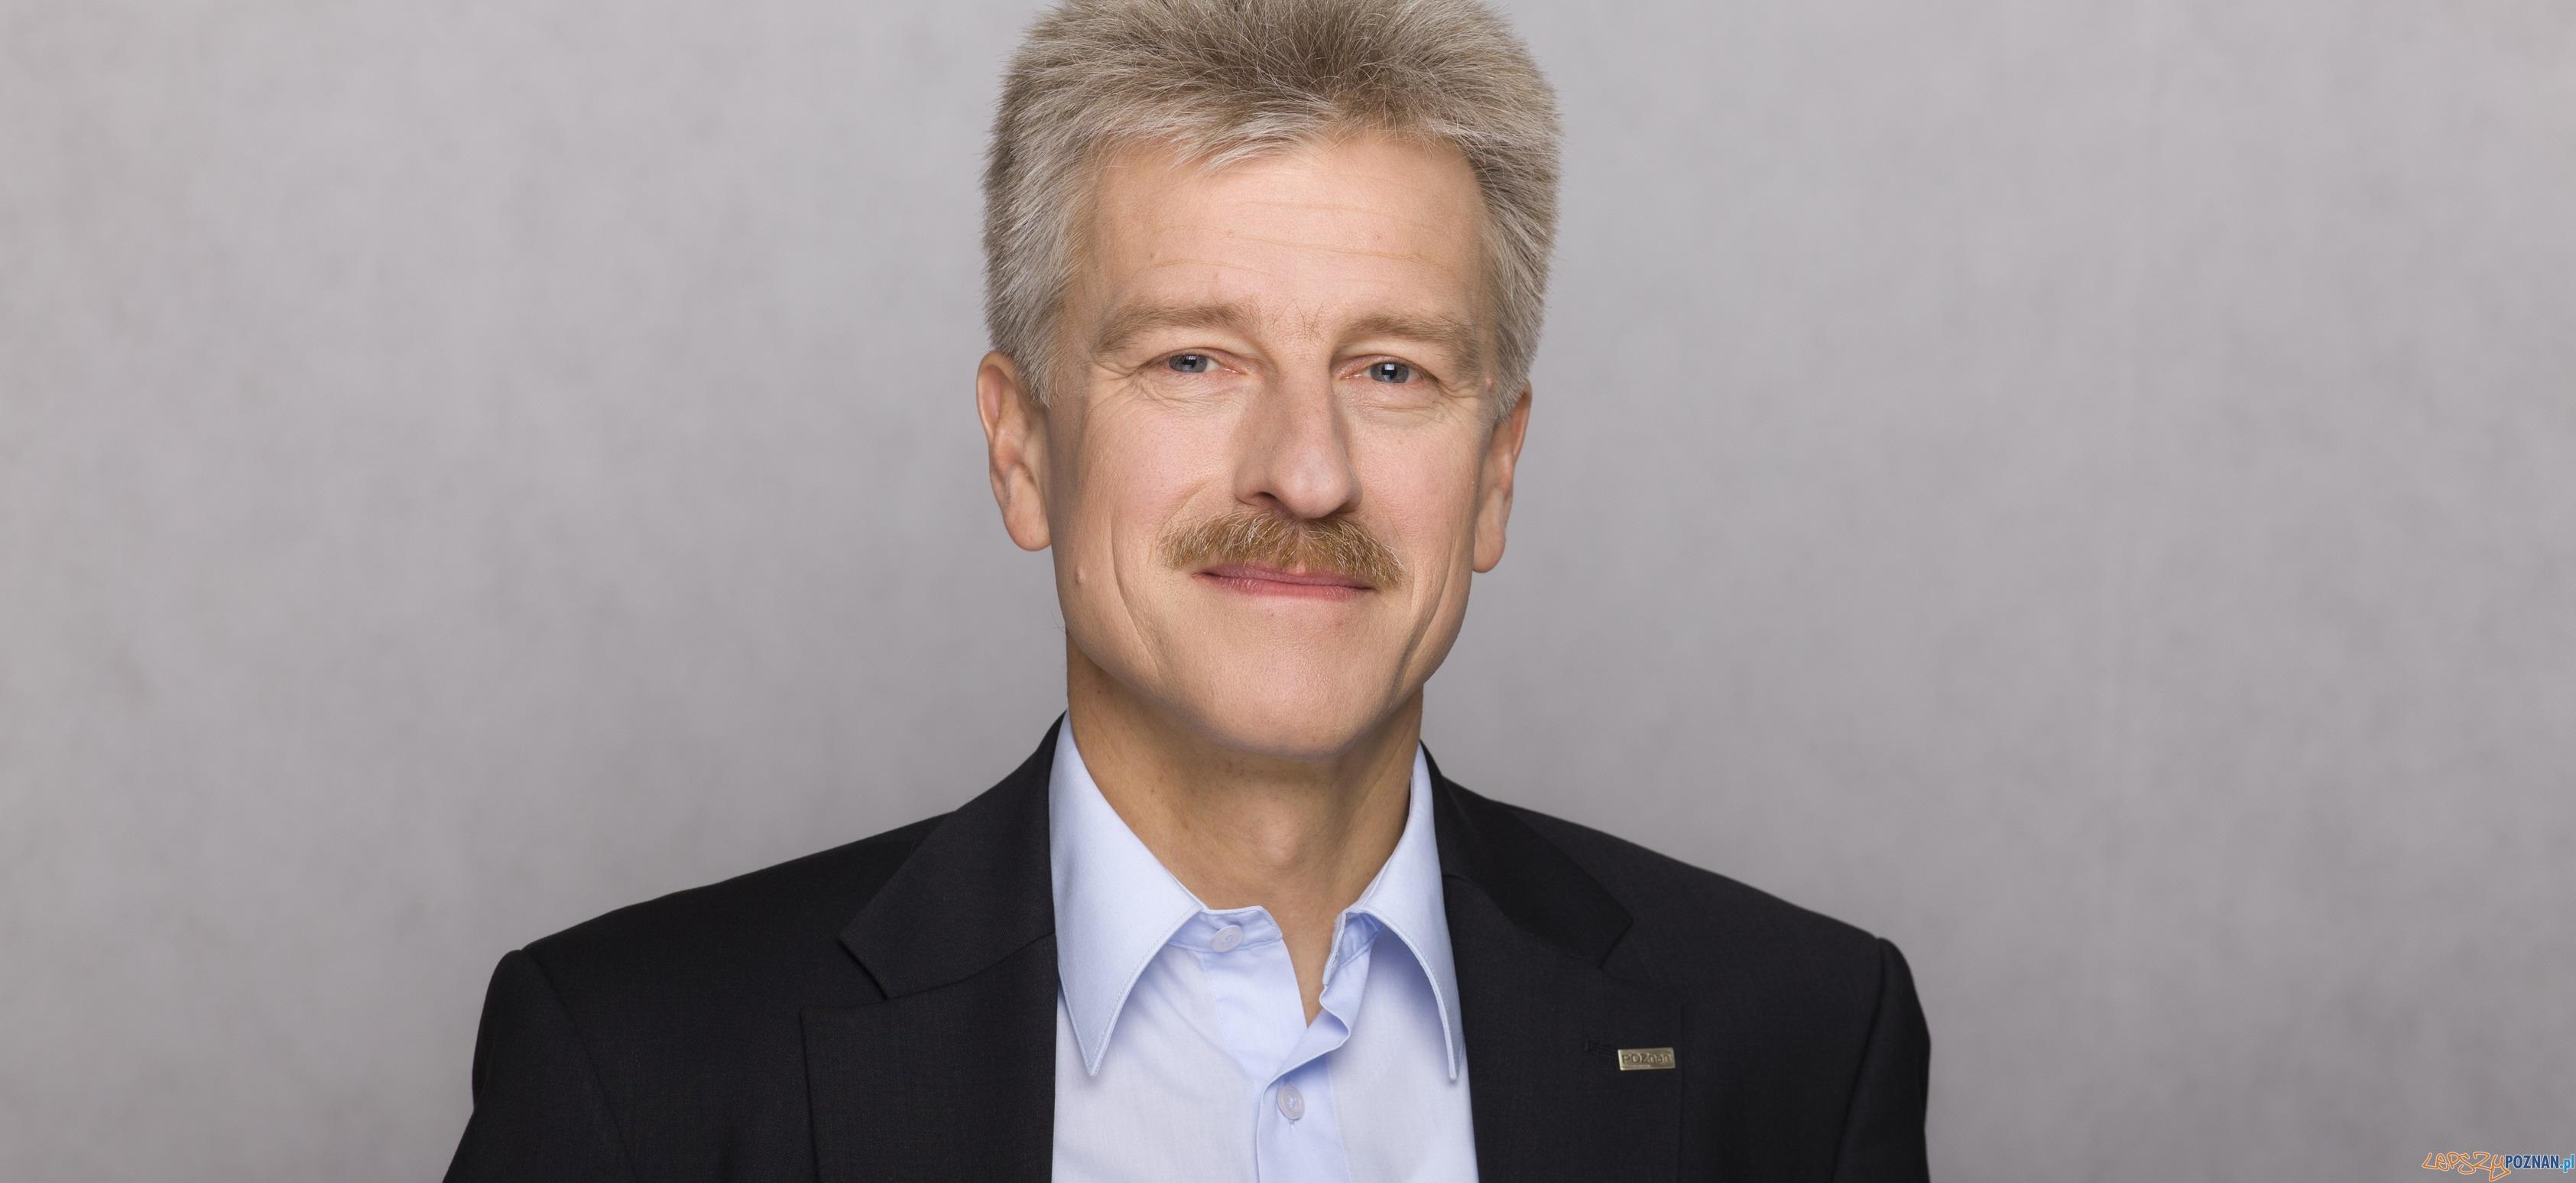 Ryszard Grobelny  Foto: Urząd Miasta Poznania